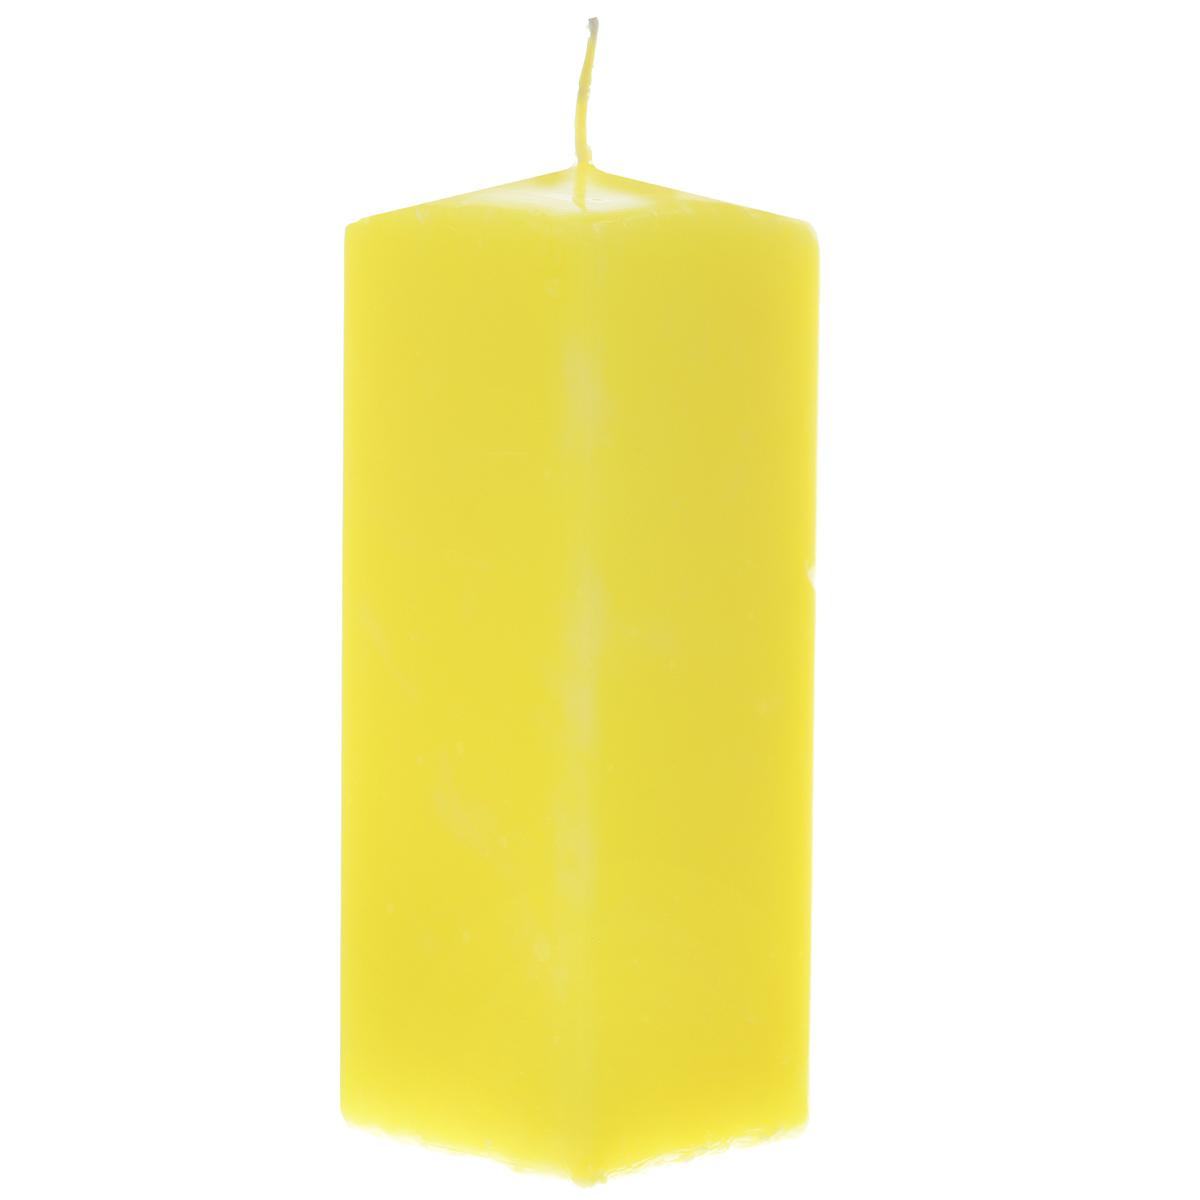 Свеча Sima-land Аромат огня, цвет: желтый, высота 15 см. 197618197618Свеча Sima-land Аромат огня выполнена из парафина в классическом стиле. Изделие порадует вас ярким дизайном. Такую свечу можно поставить в любое место и она станет ярким украшением интерьера. Свеча Sima-land Аромат огня создаст незабываемую атмосферу, будь то торжество, романтический вечер или будничный день.